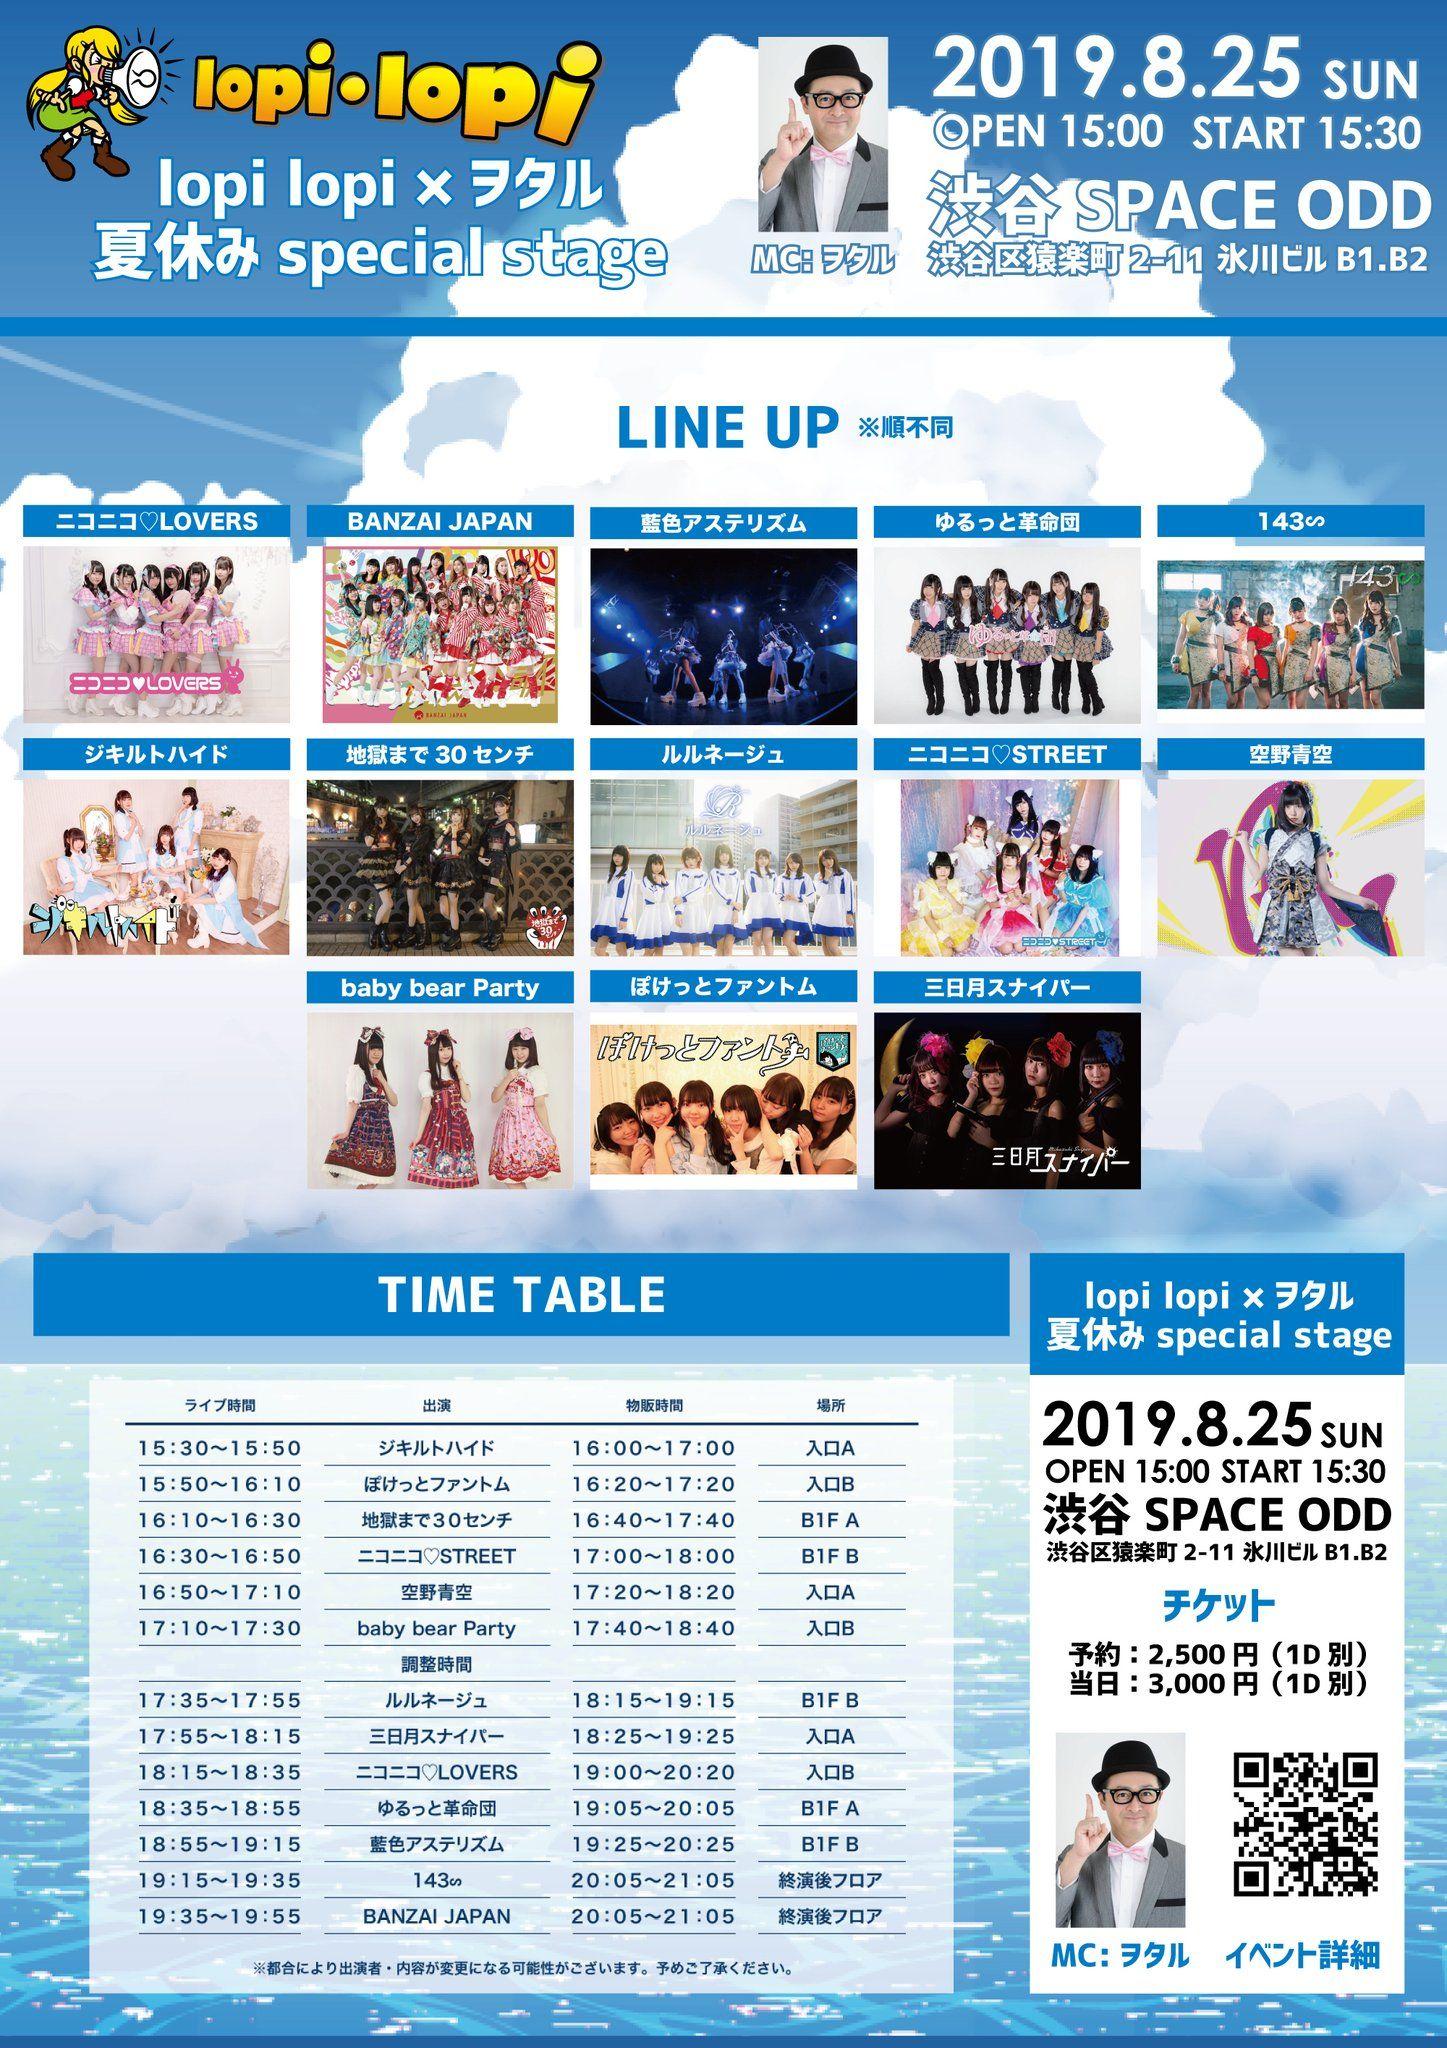 【空野青空】東京・渋谷『lopi lopi x ヲタル 夏休み special stage』